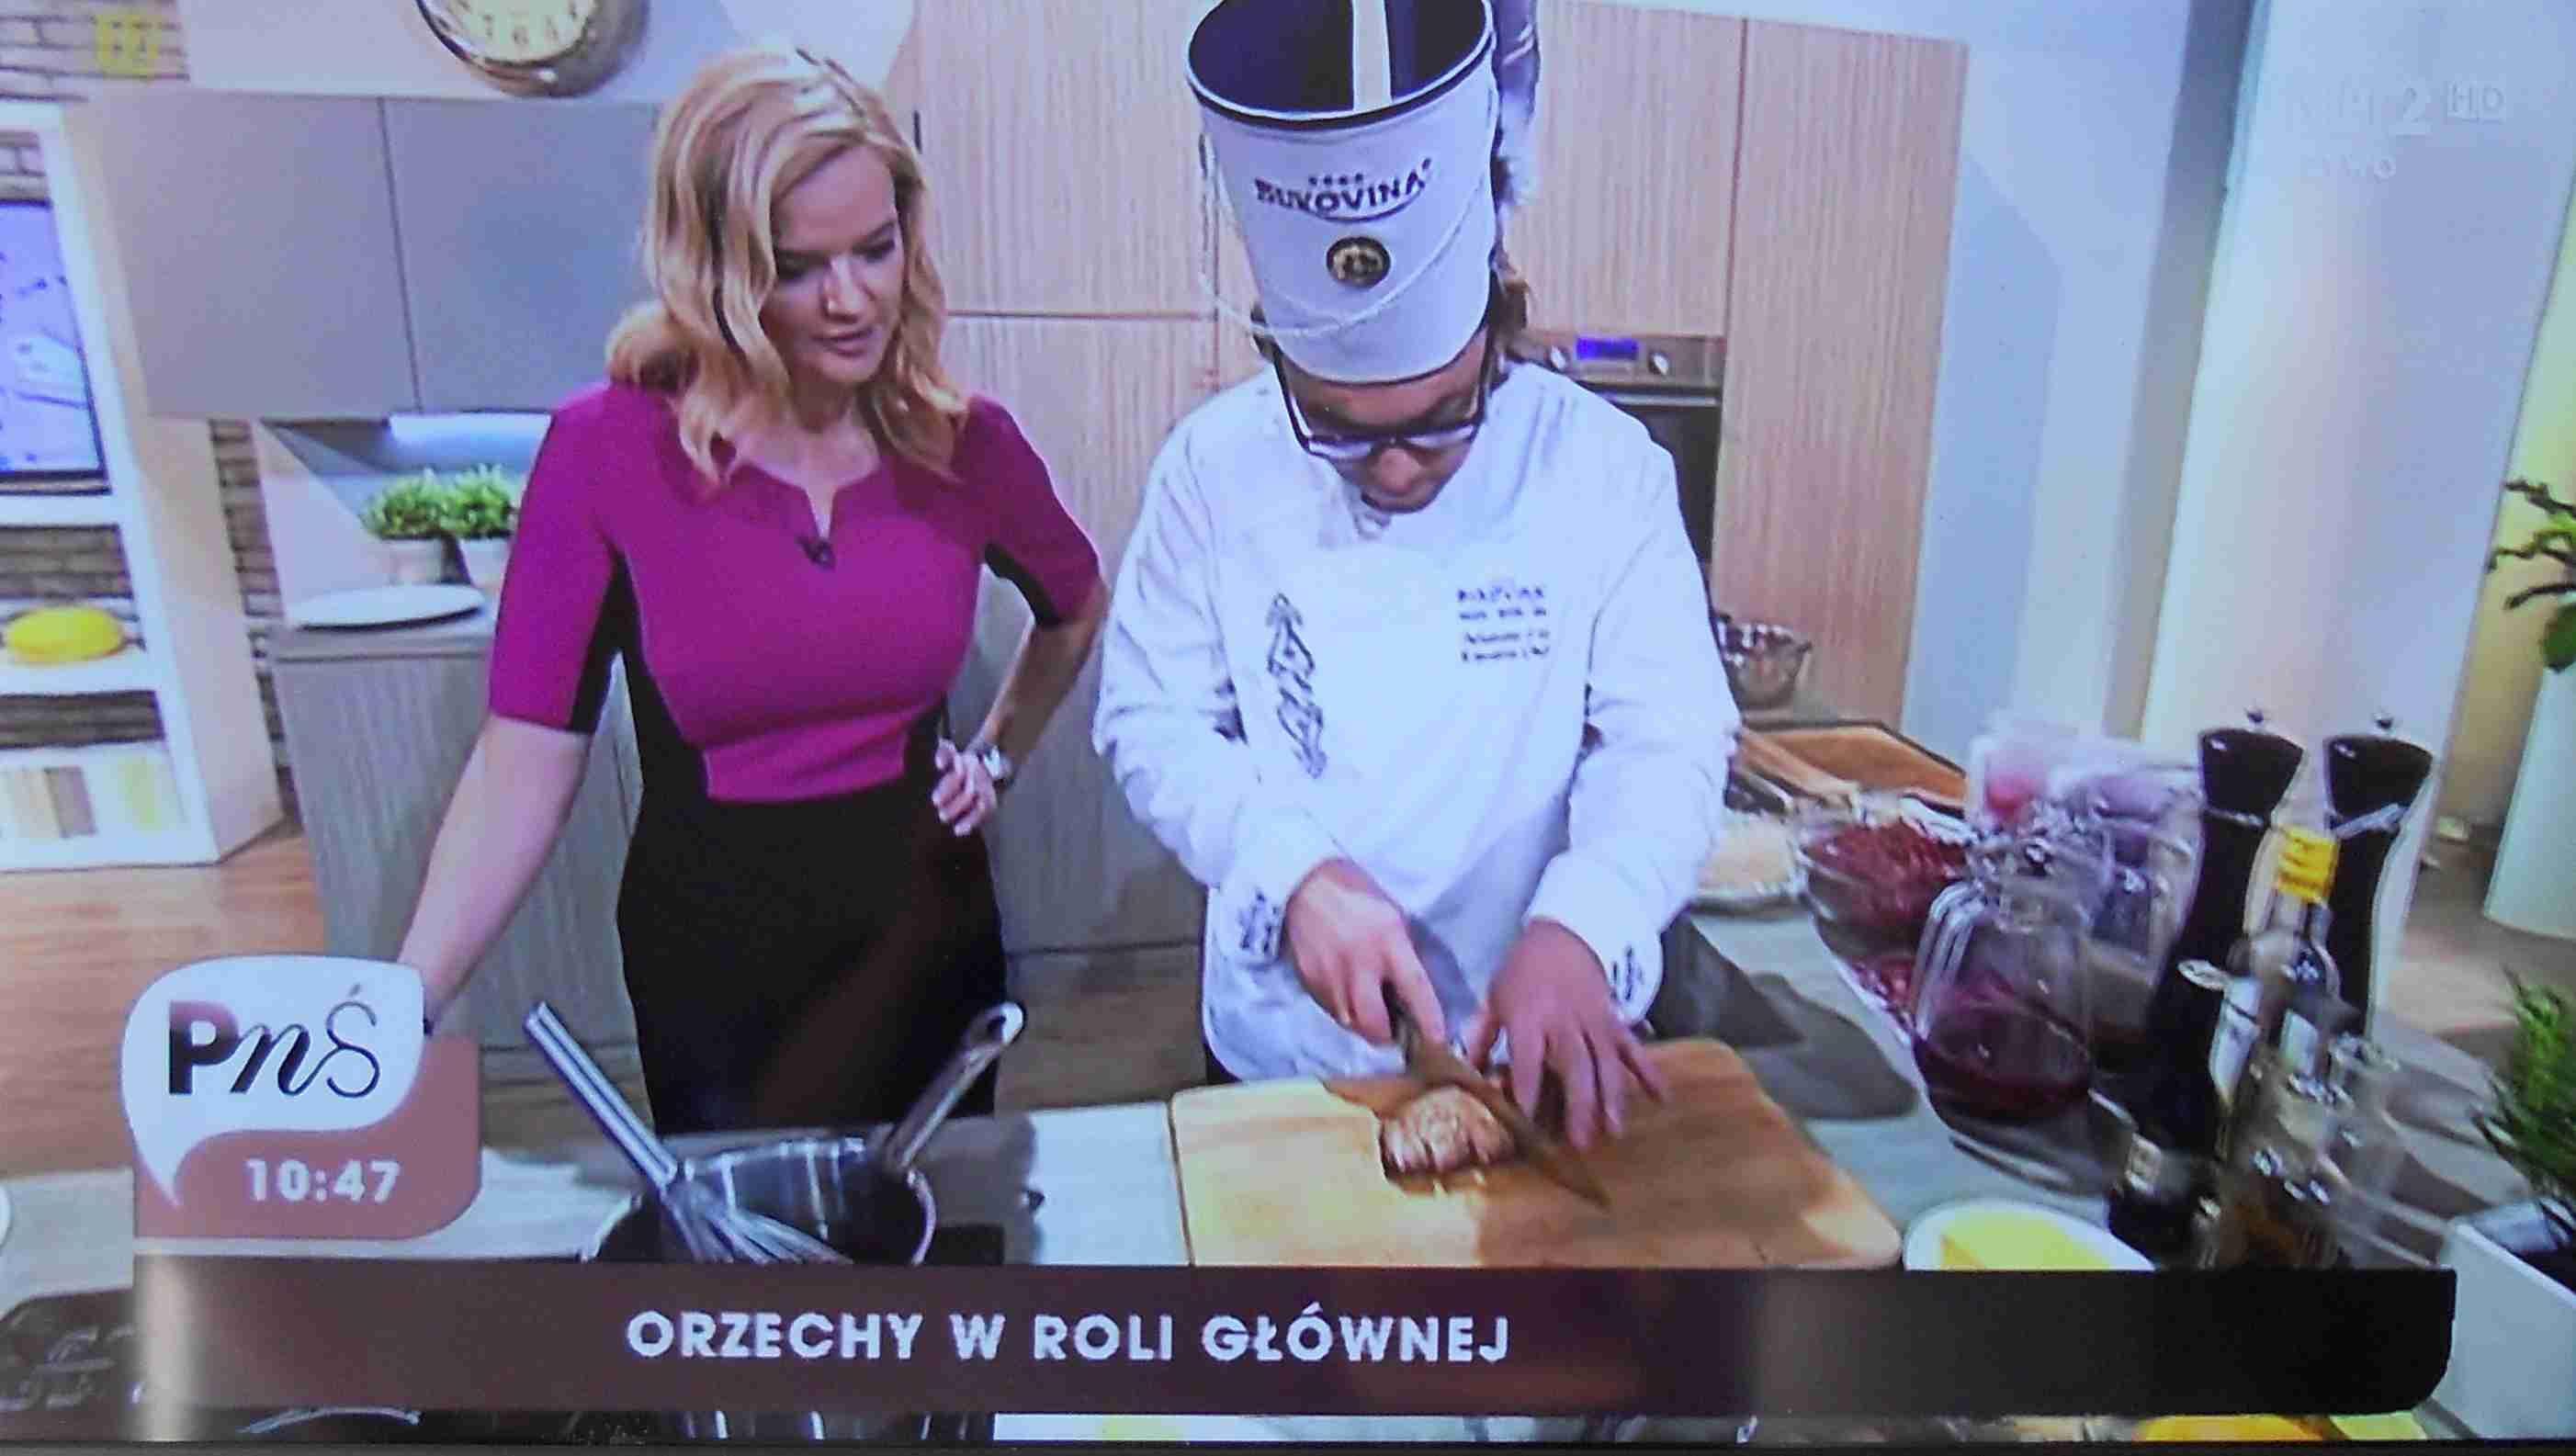 Pani Monika Zamachowska W Sukience Vito Vergelis Podczas Nagrania Programu Pytanie Na Sniadanie How To Wear People 47